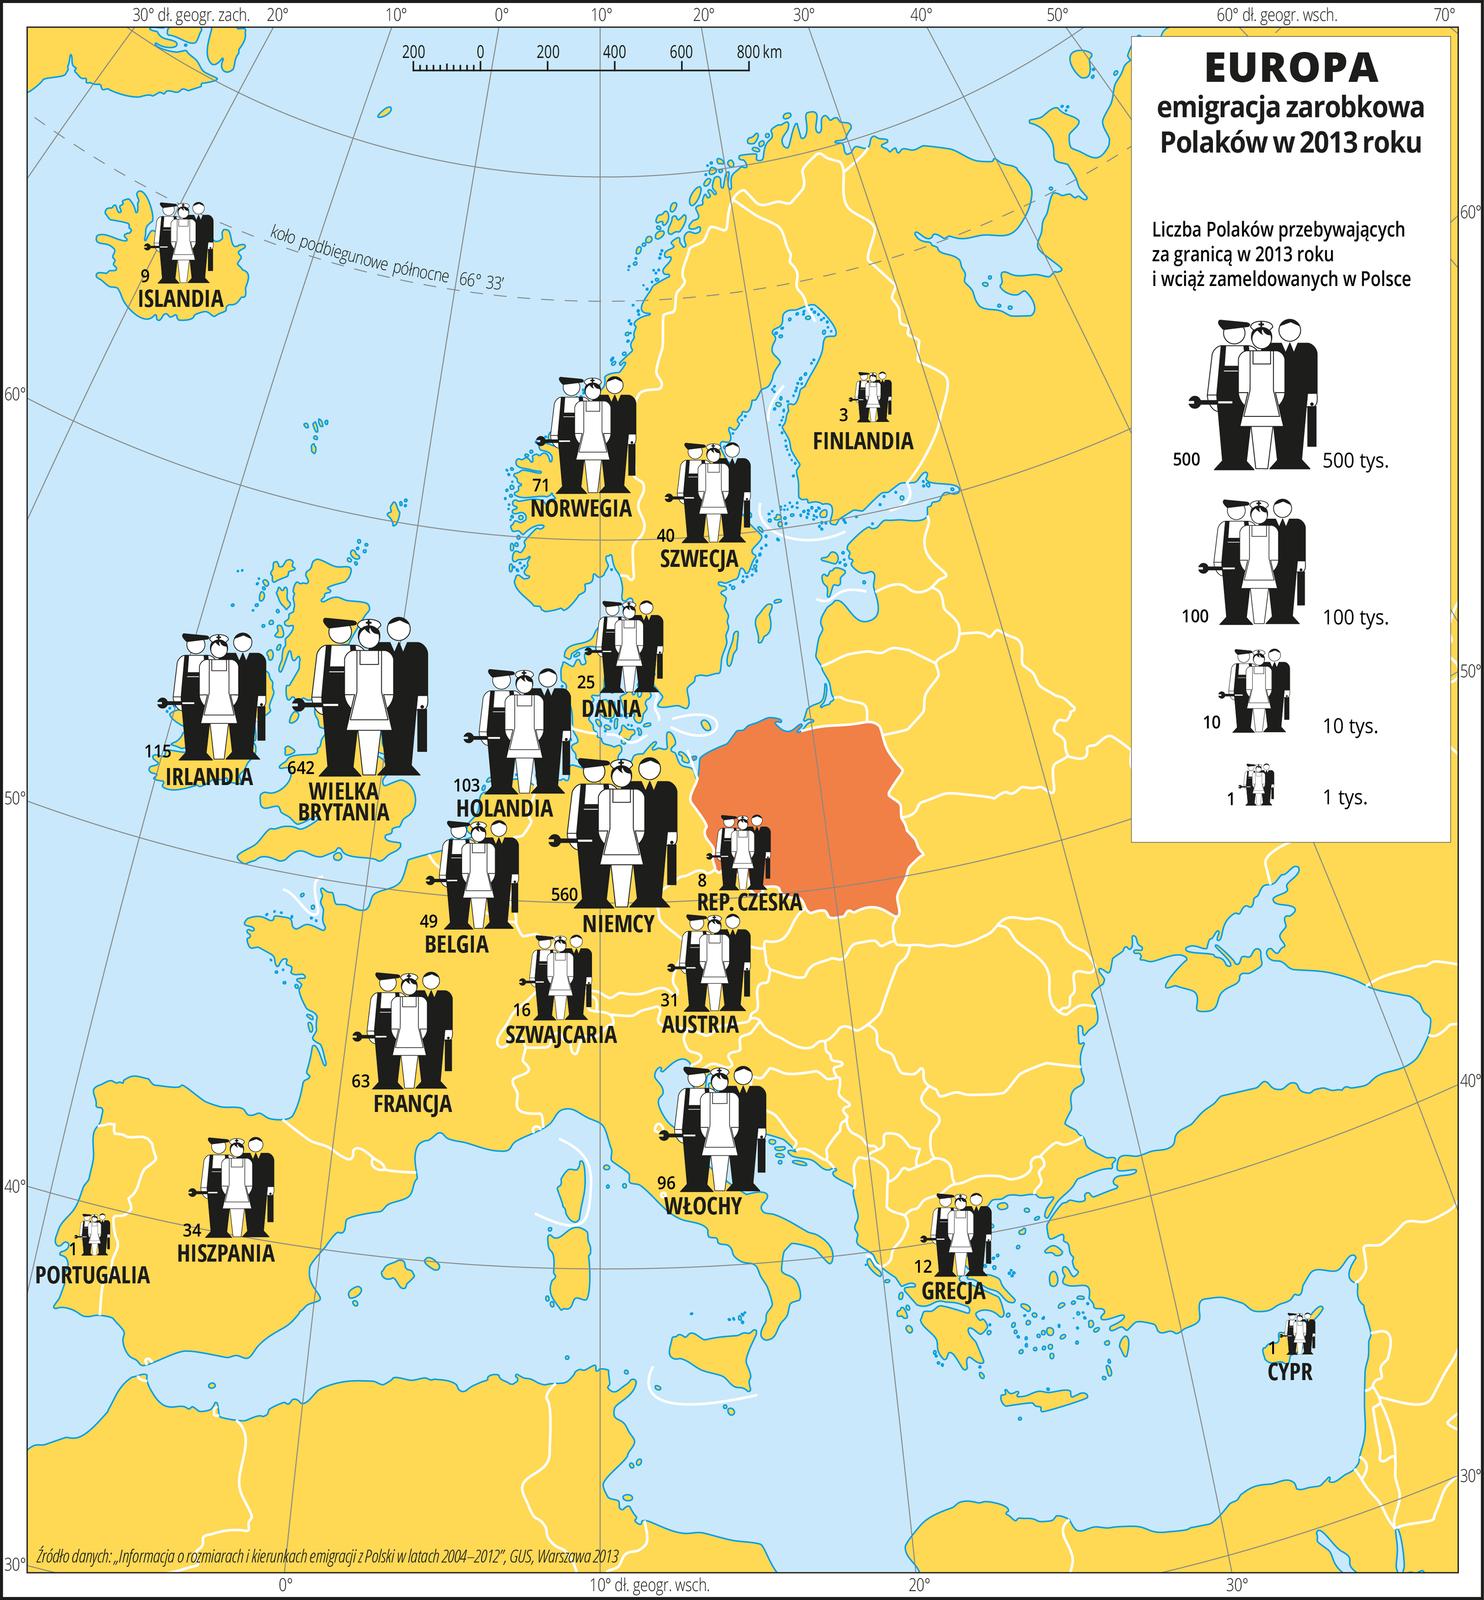 Na ilustracji ukazano mapę Europy. Wody zaznaczono kolorem niebieskim. Na mapie za pomocą sygnatur przedstawiono liczbę Polaków zameldowanych wPolsce, ale przebywających wcelach zarobkowych winnych krajach w2013 roku. Wielkość sygnatur pokazuje liczbę osób, które wyjechały zPolski. Największa sygnatura jest wWielkiej Brytanii (ponad 600 000 Polaków) iwNiemczech (ponad 500 000). Mapa pokryta jest równoleżnikami ipołudnikami. Dookoła mapy wbiałej ramce opisano współrzędne geograficzne co dziesięć stopni.W górnym prawym rogu mapy znajduje się legenda. Wlegendzie wielkość znaku pokazuje liczbę osób.